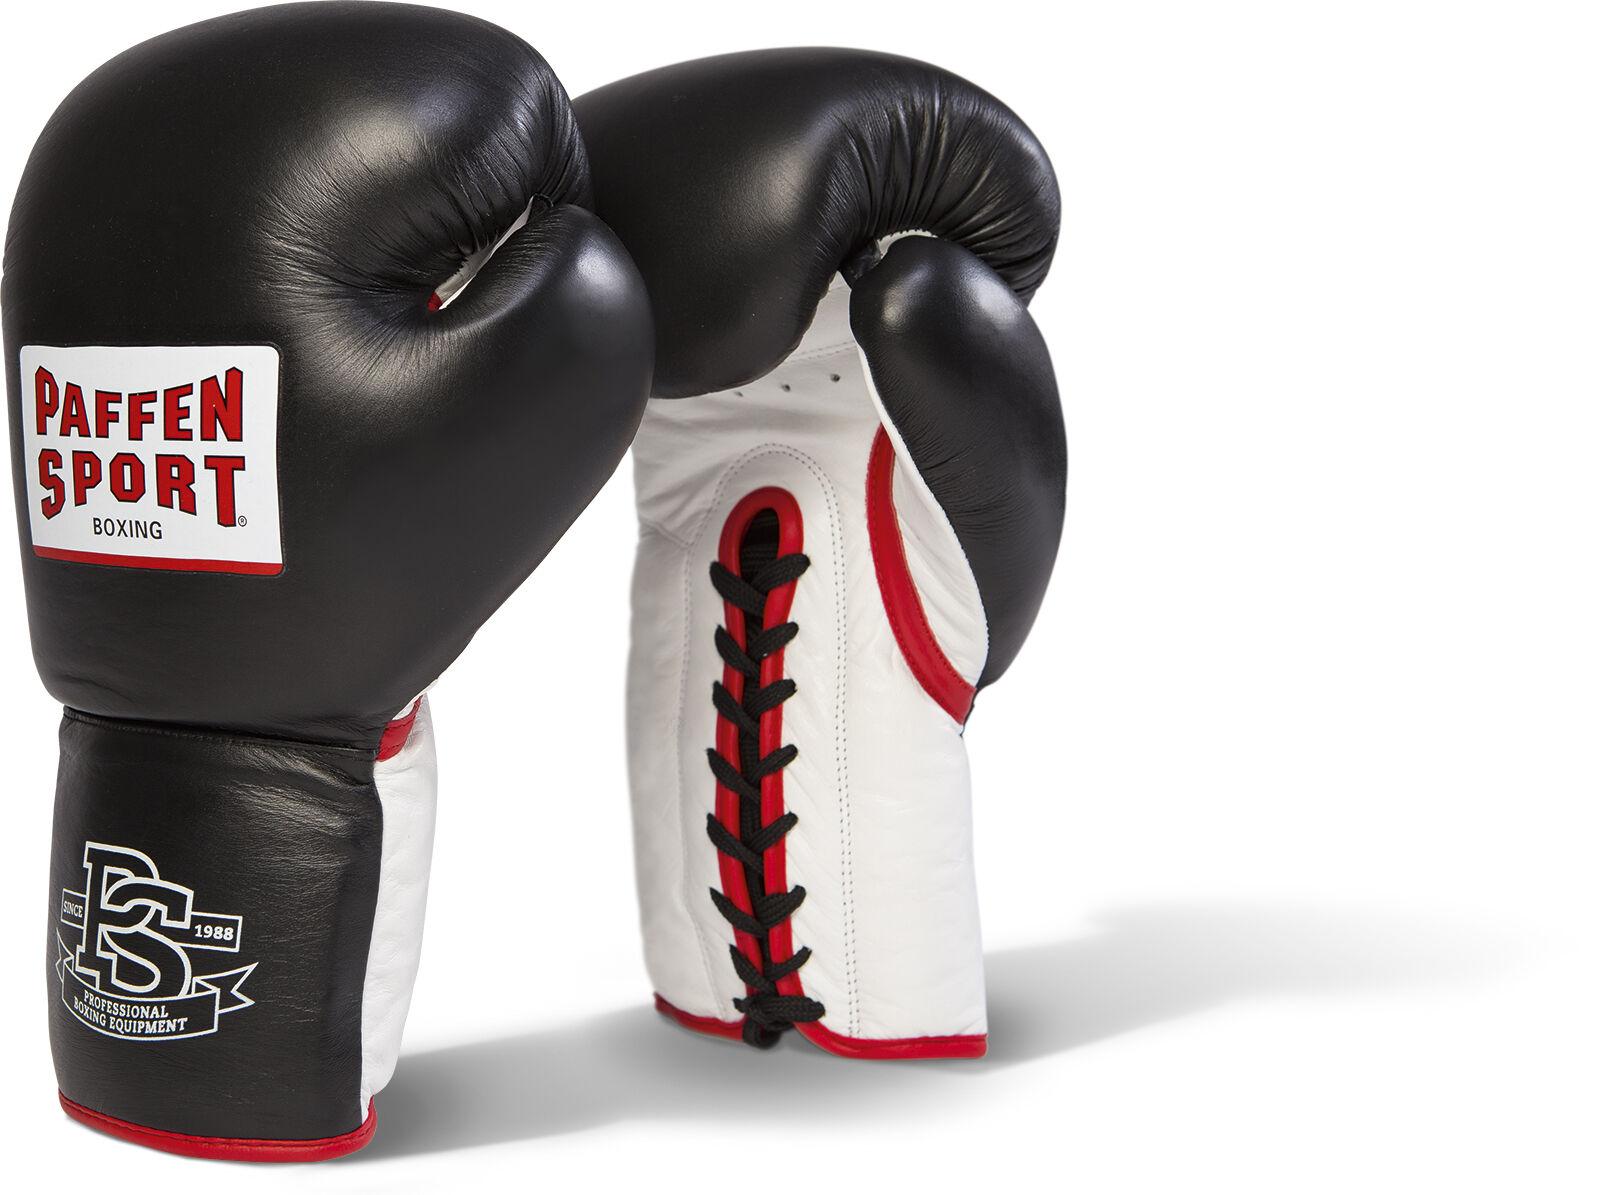 Paffen Sport Pro Heavy Hitter. Boxhandschuhe. Sparring. 14-20oz, Bestees Leder.